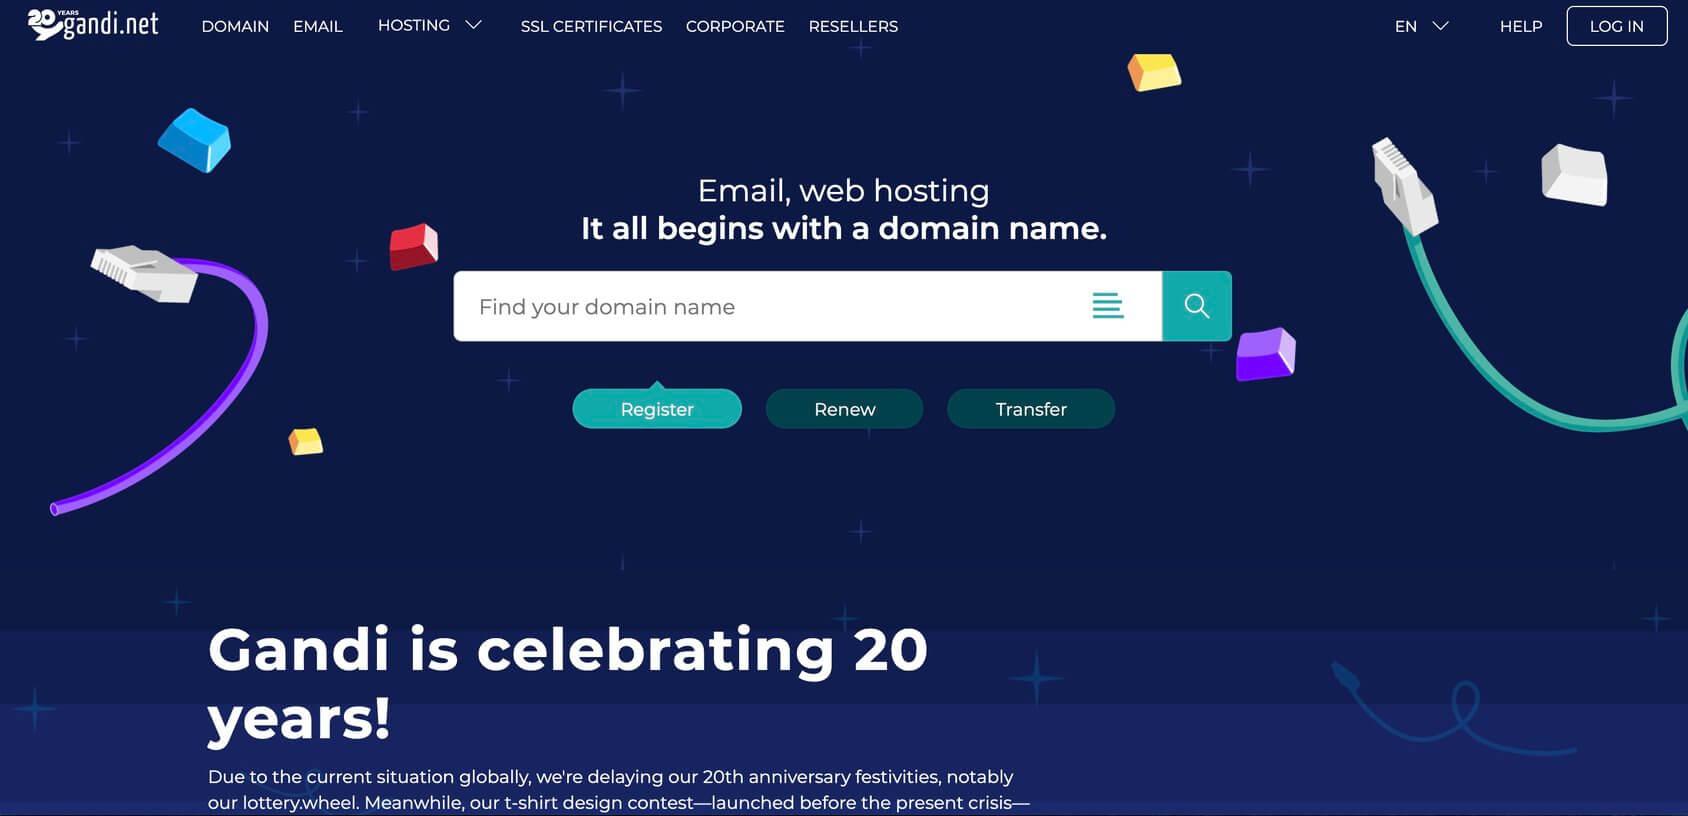 Gandi homepage